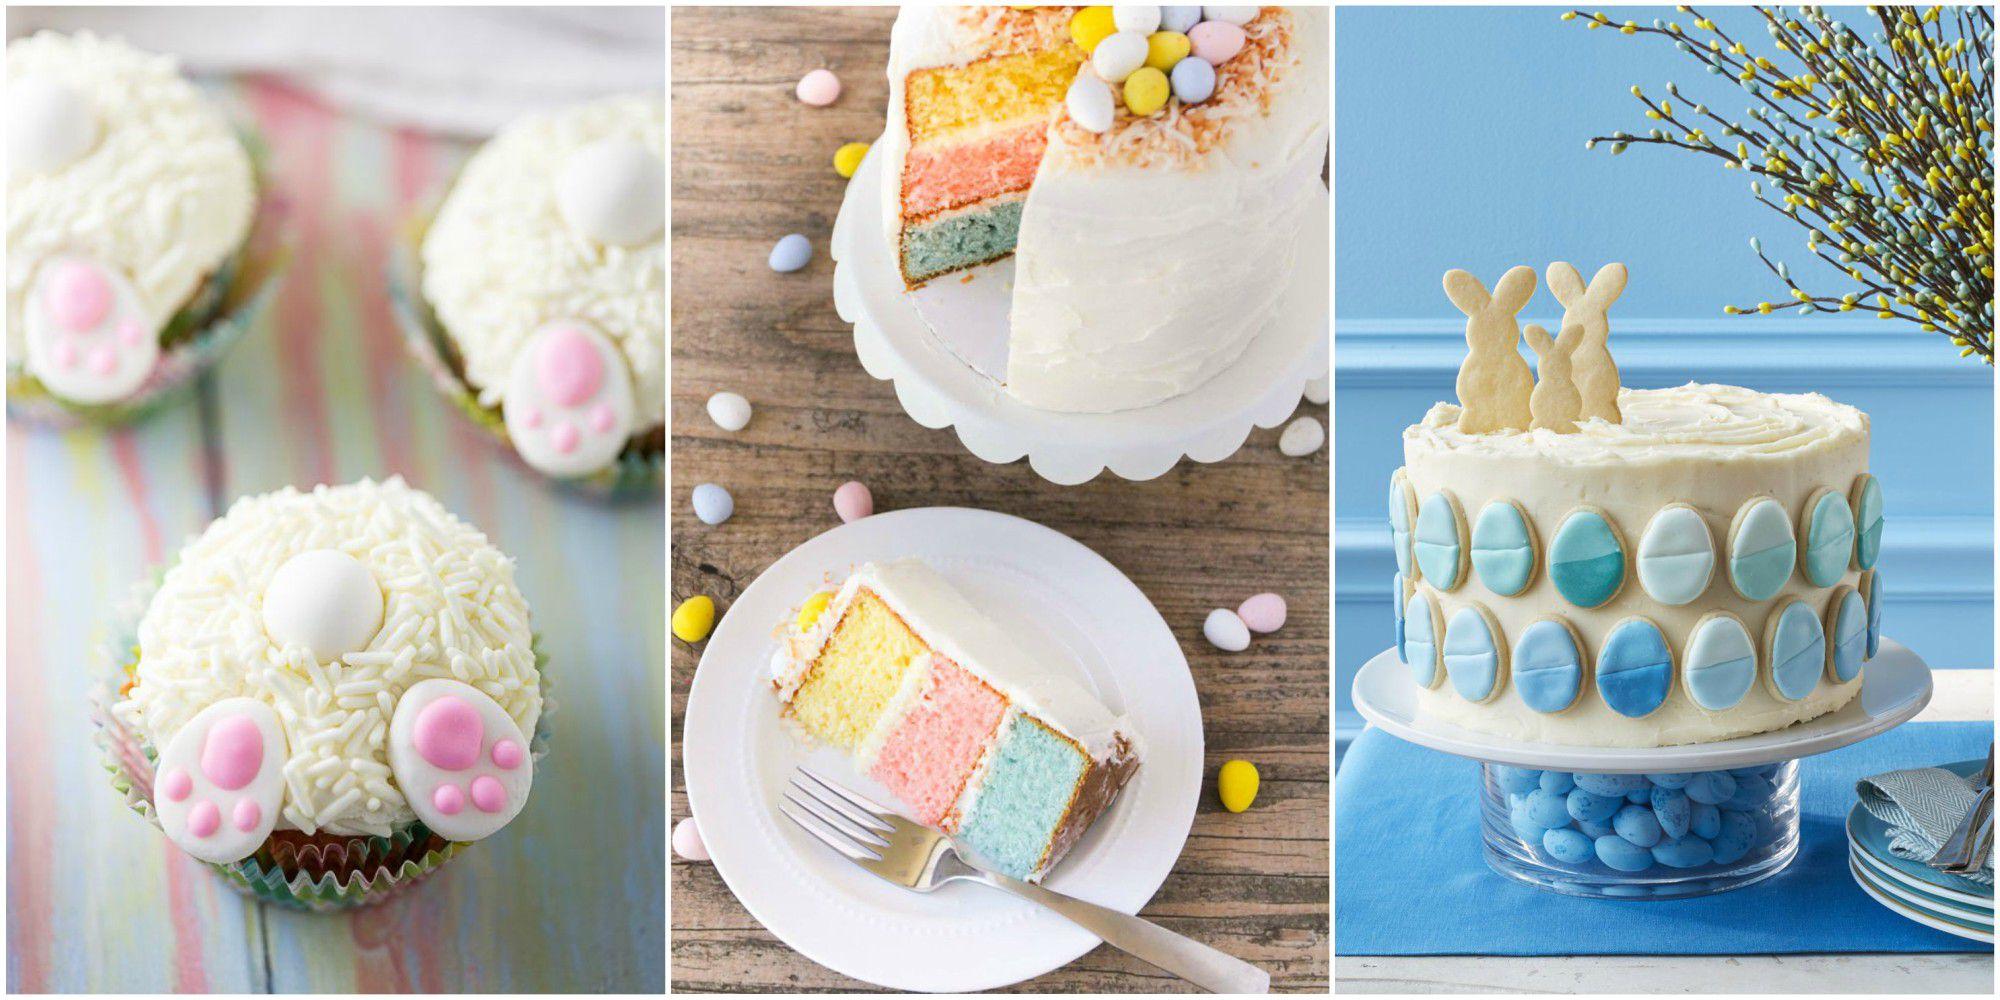 Trois recettes de gâteaux de Pâques